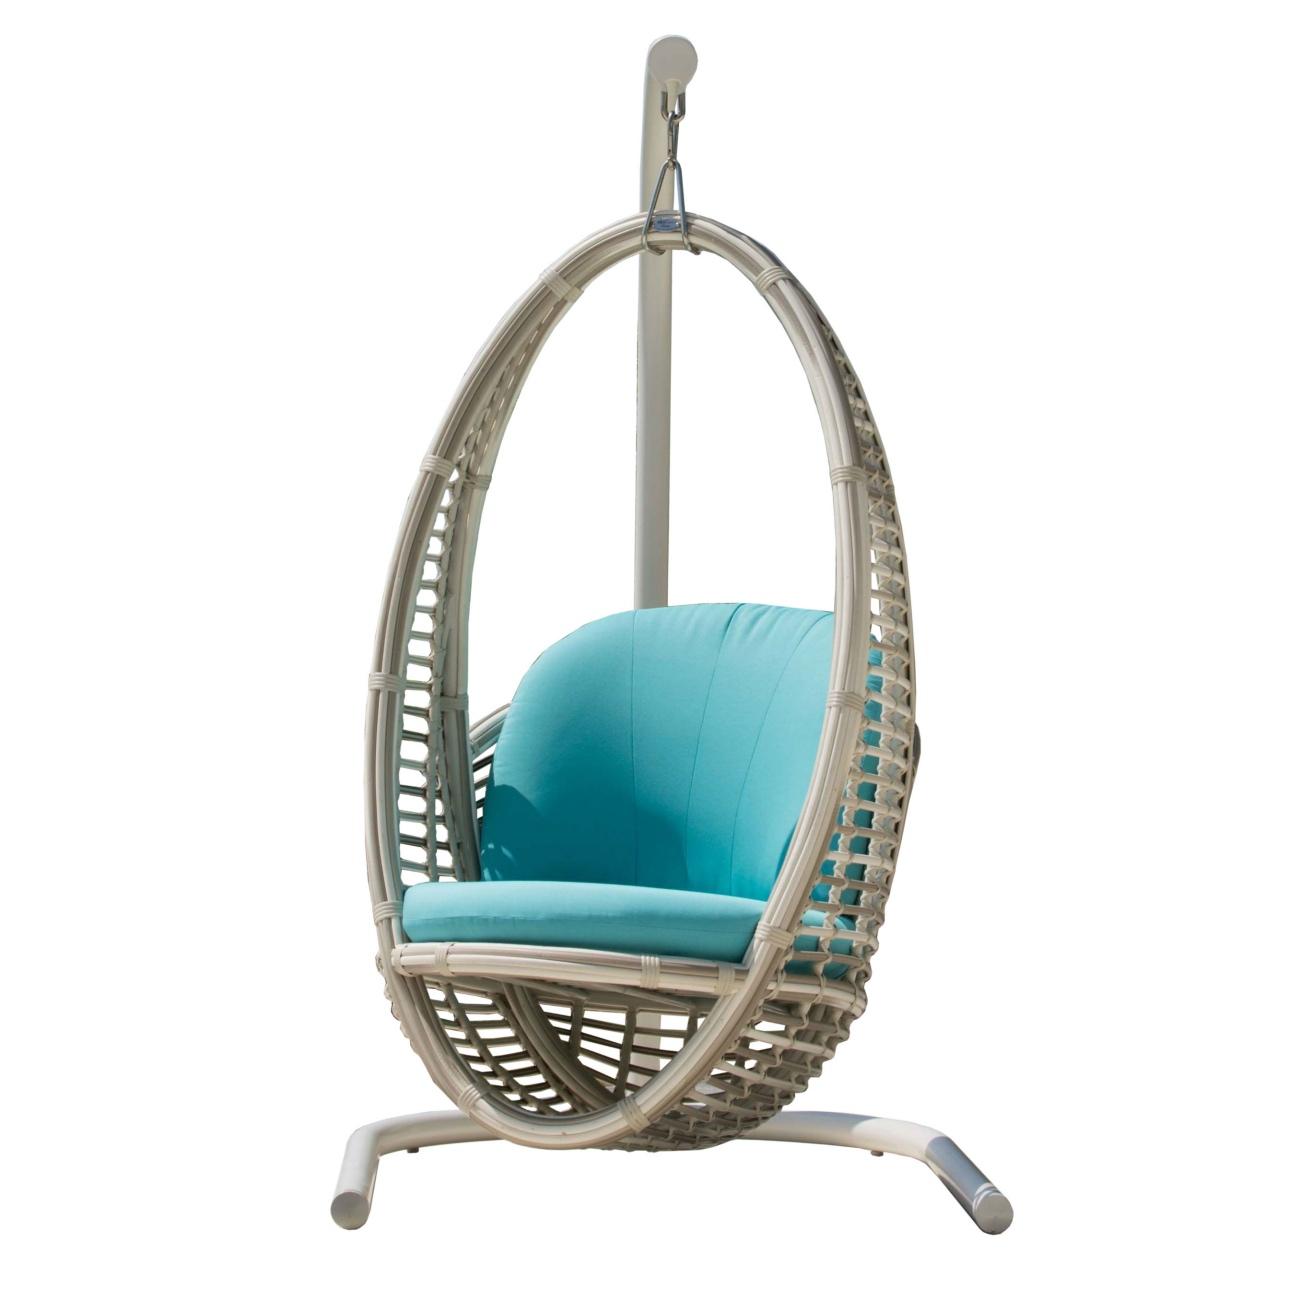 Skyline Heri Hanging Chair Luxury Outdoor Living